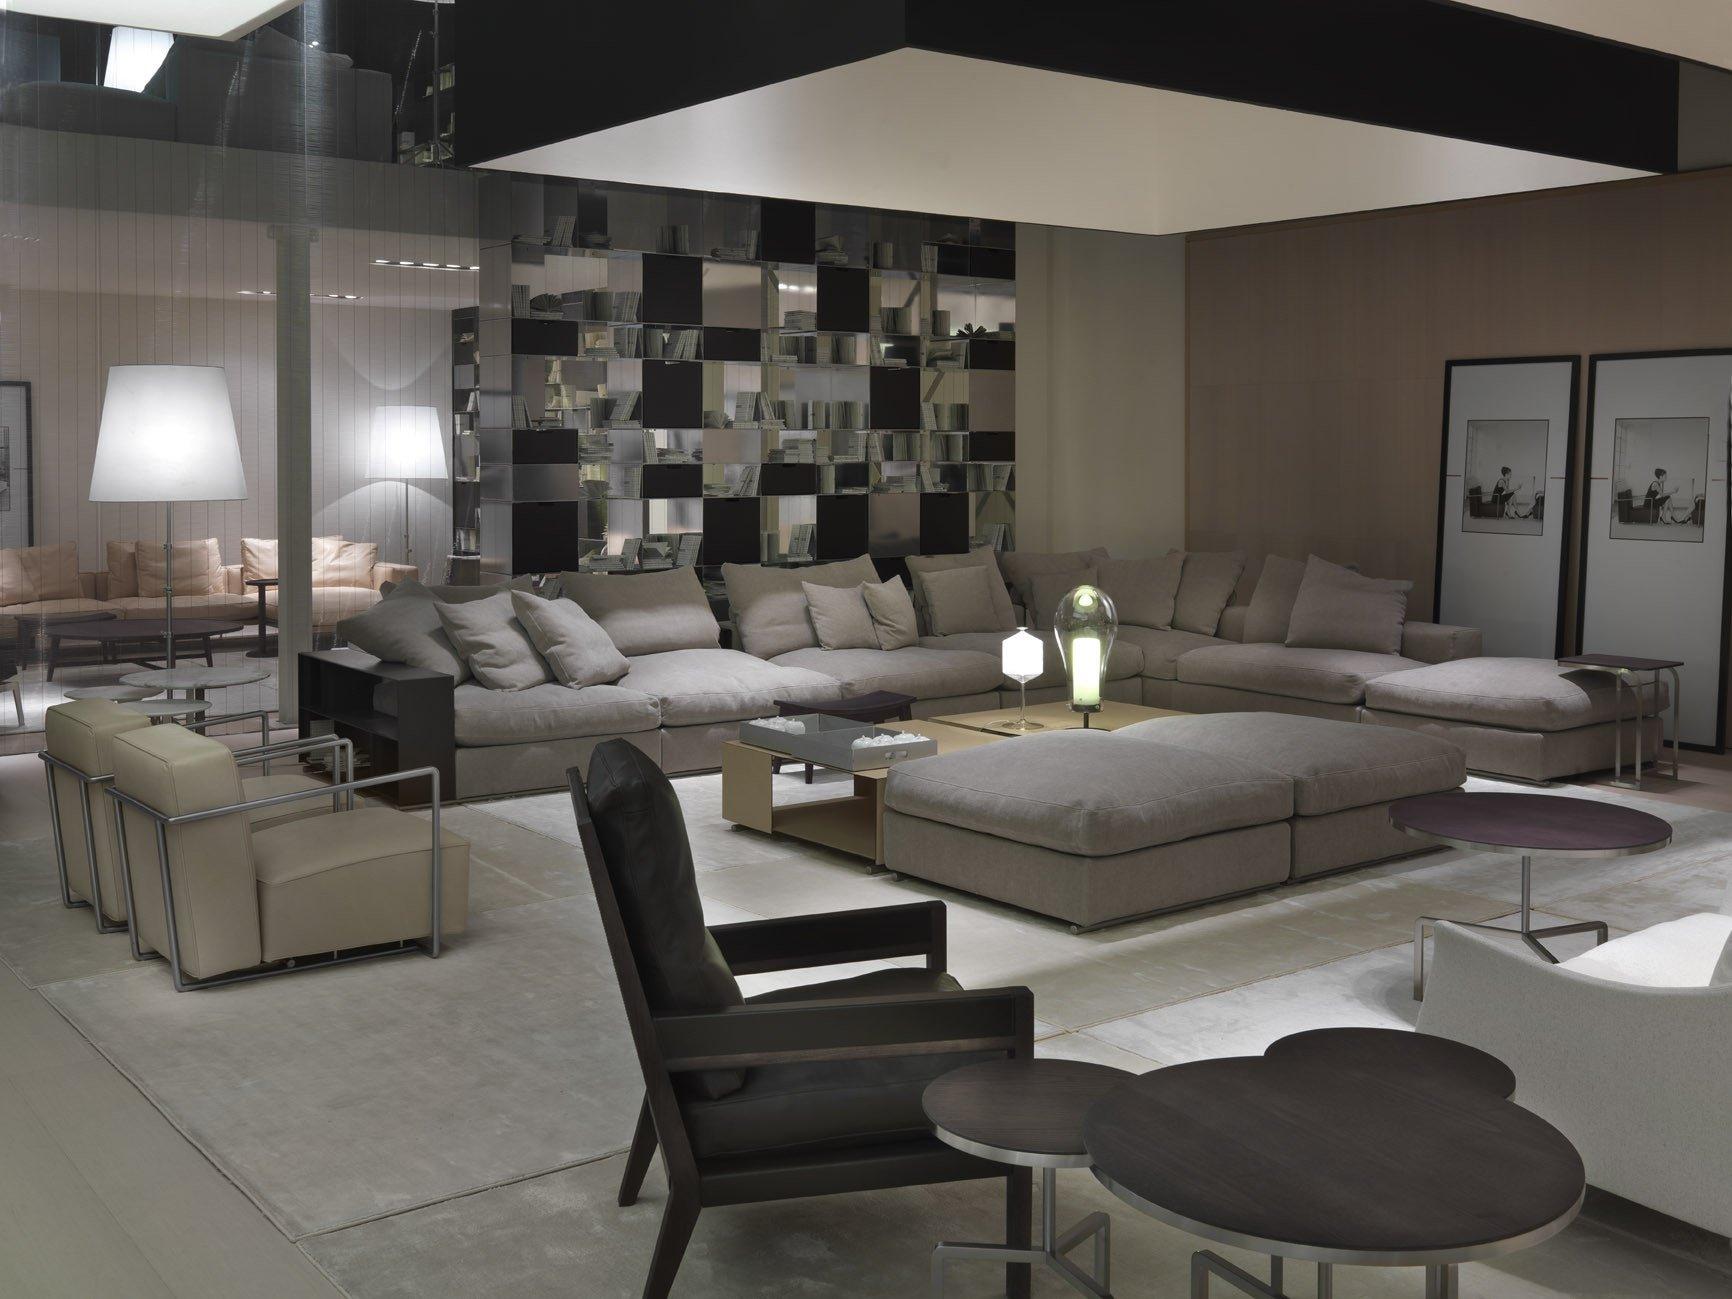 Flexform furniture store mornata arredamenti for Fams arredamenti